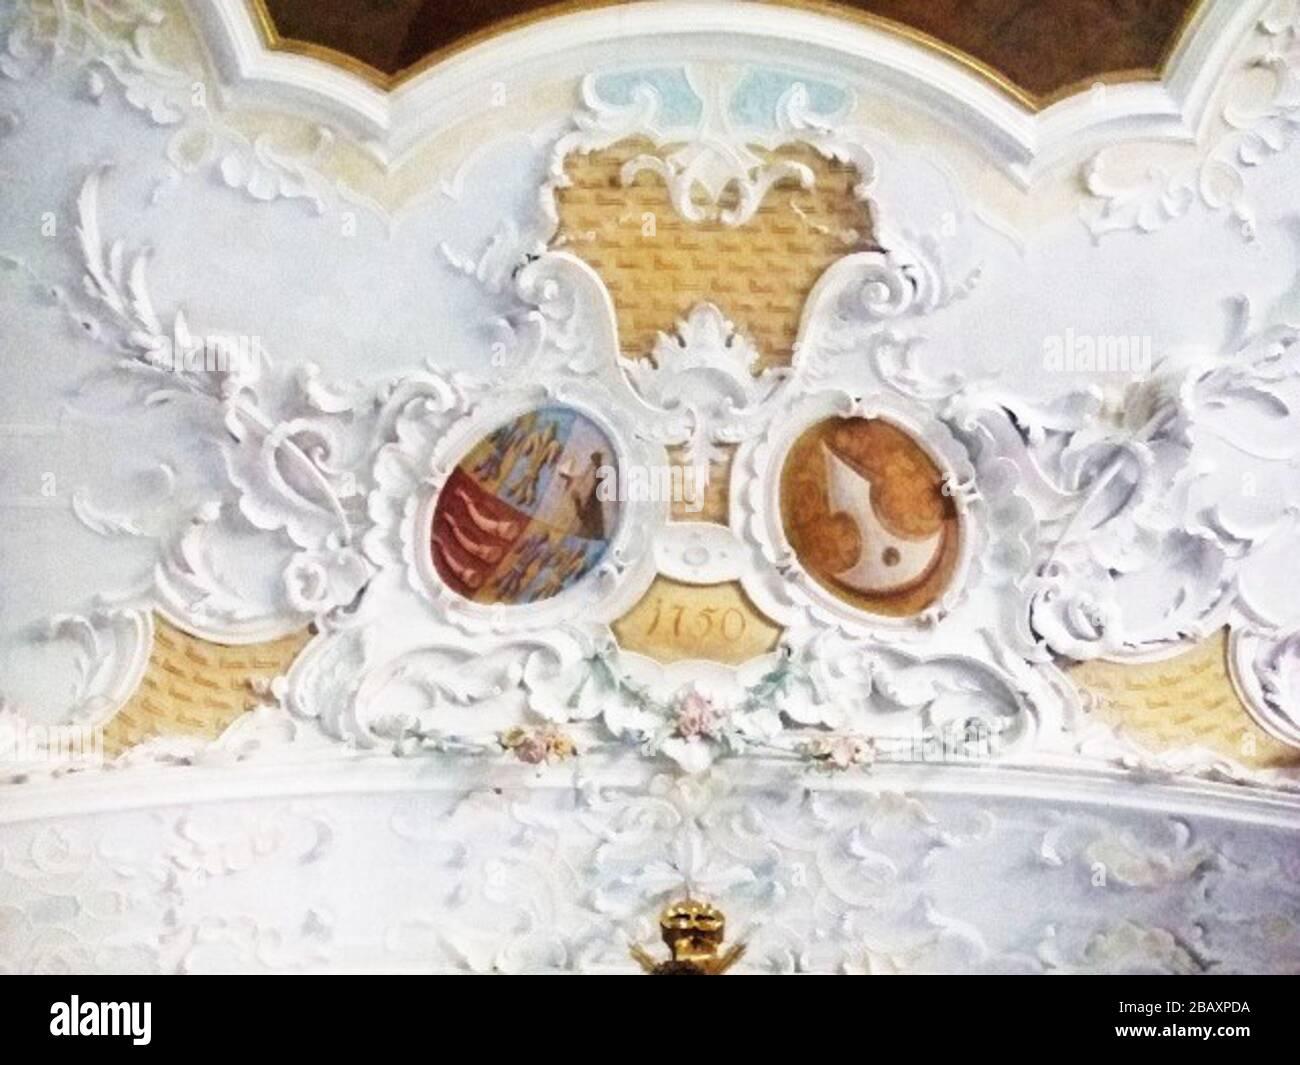 """""""Wallfahrtskirche Zur Schmerzhaften Muttergottes, Matzenhofen, Gemeinde Unterroth, Landkreis Neu-Ulm Wappen am Chorbogen  links (= heraldisch rechts): Wappen der Fugger (wohl Franz Karl Graf Fugger, Herr zu Babenhausen, *1712, †1758) rechts (= heraldisch links): Wappen Reich Reichenstein (wohl Franz Karl Fuggers Ehefrau Maria Josepha Gräfin Reich von Reichenstein, * 1717; † 1771), Wappenbild: in Gold eine silberne Saufeder (Reich v. Reichenstein normalerweise: in Gold eine schwarze Saufeder); August 2009; own photograph by Veit Feger; Photo: Veit Feger; """" Stock Photo"""